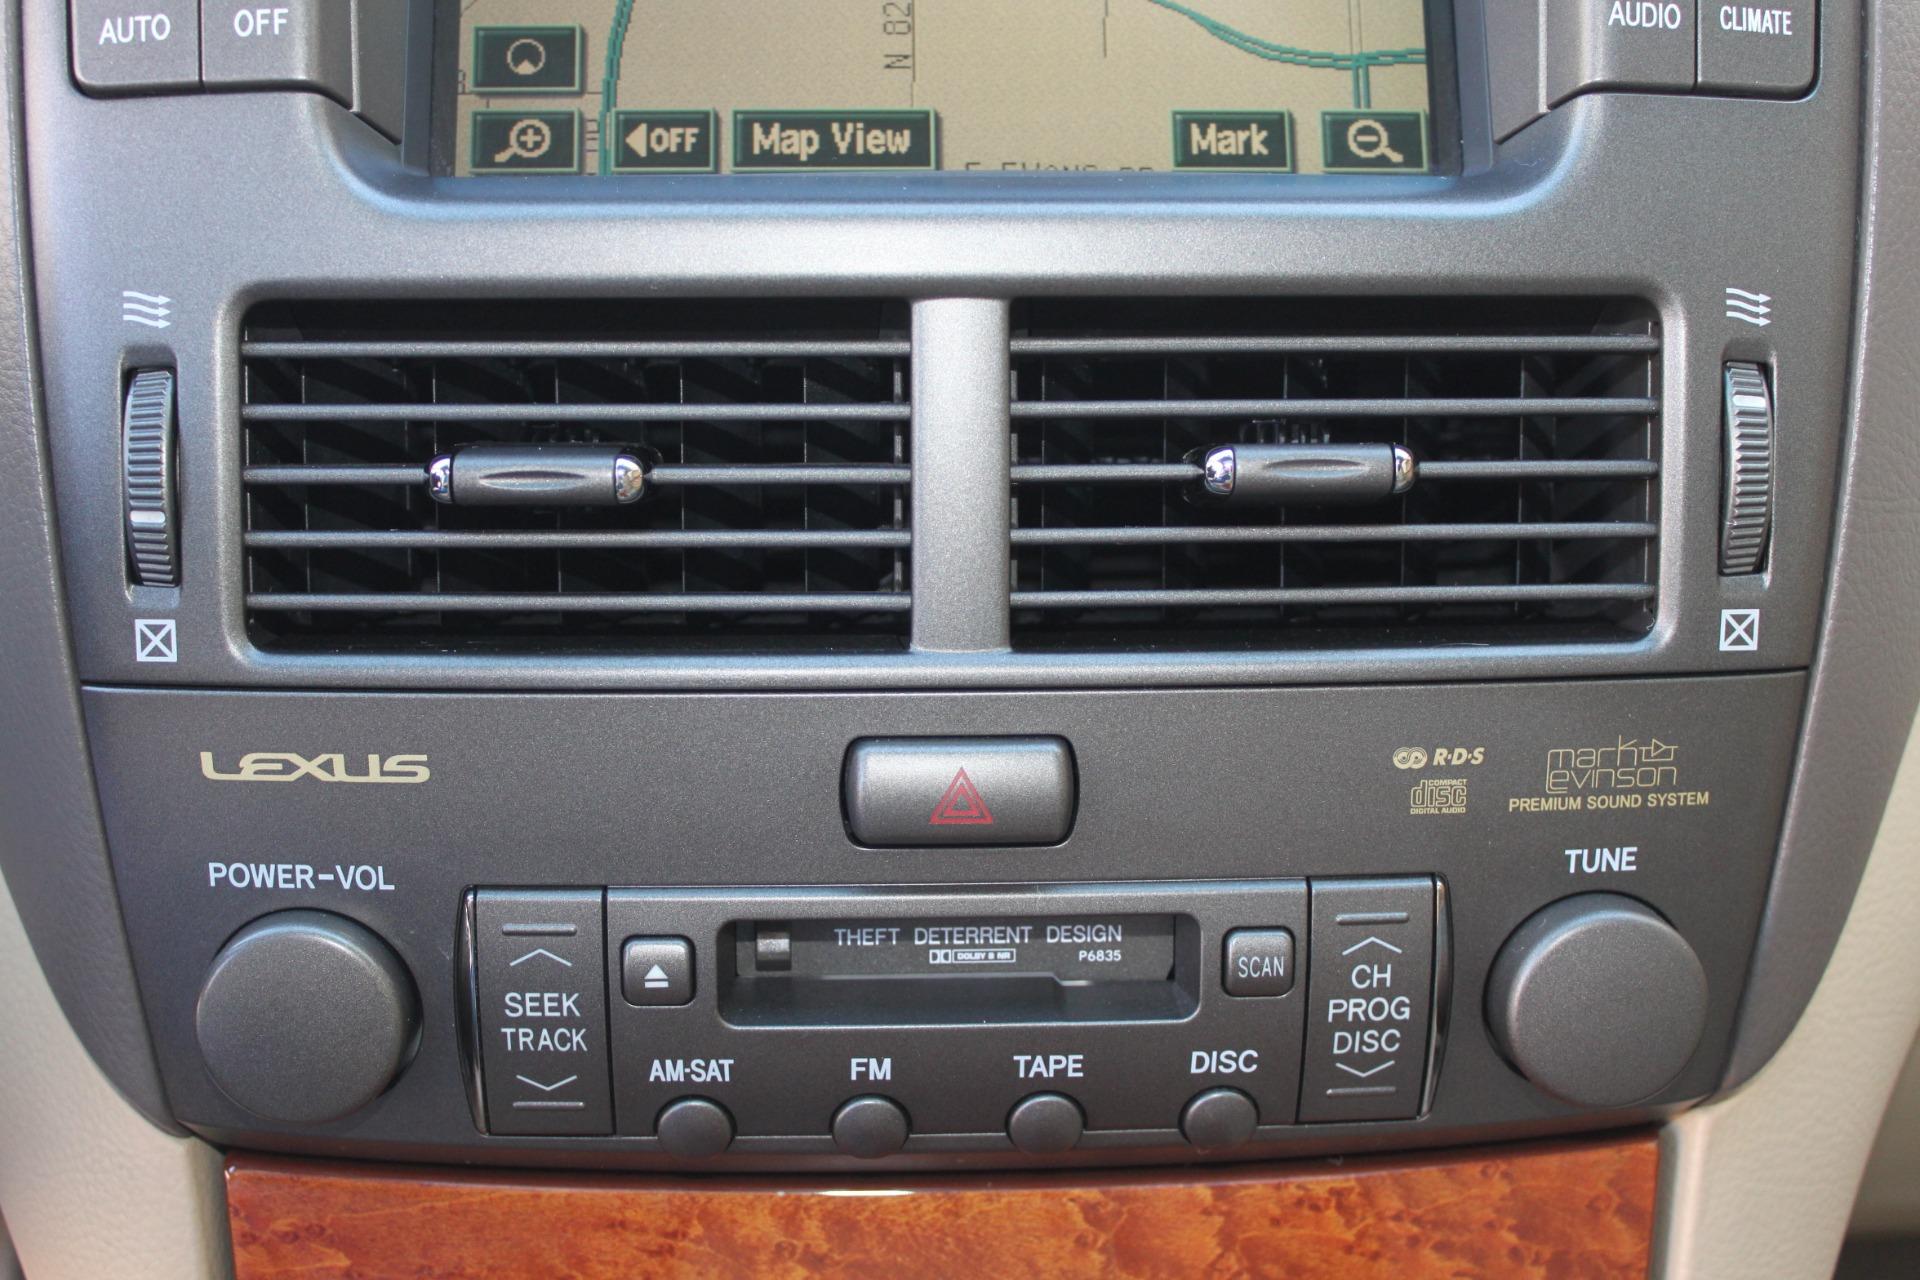 Used-2005-Lexus-LS-430-Range-Rover